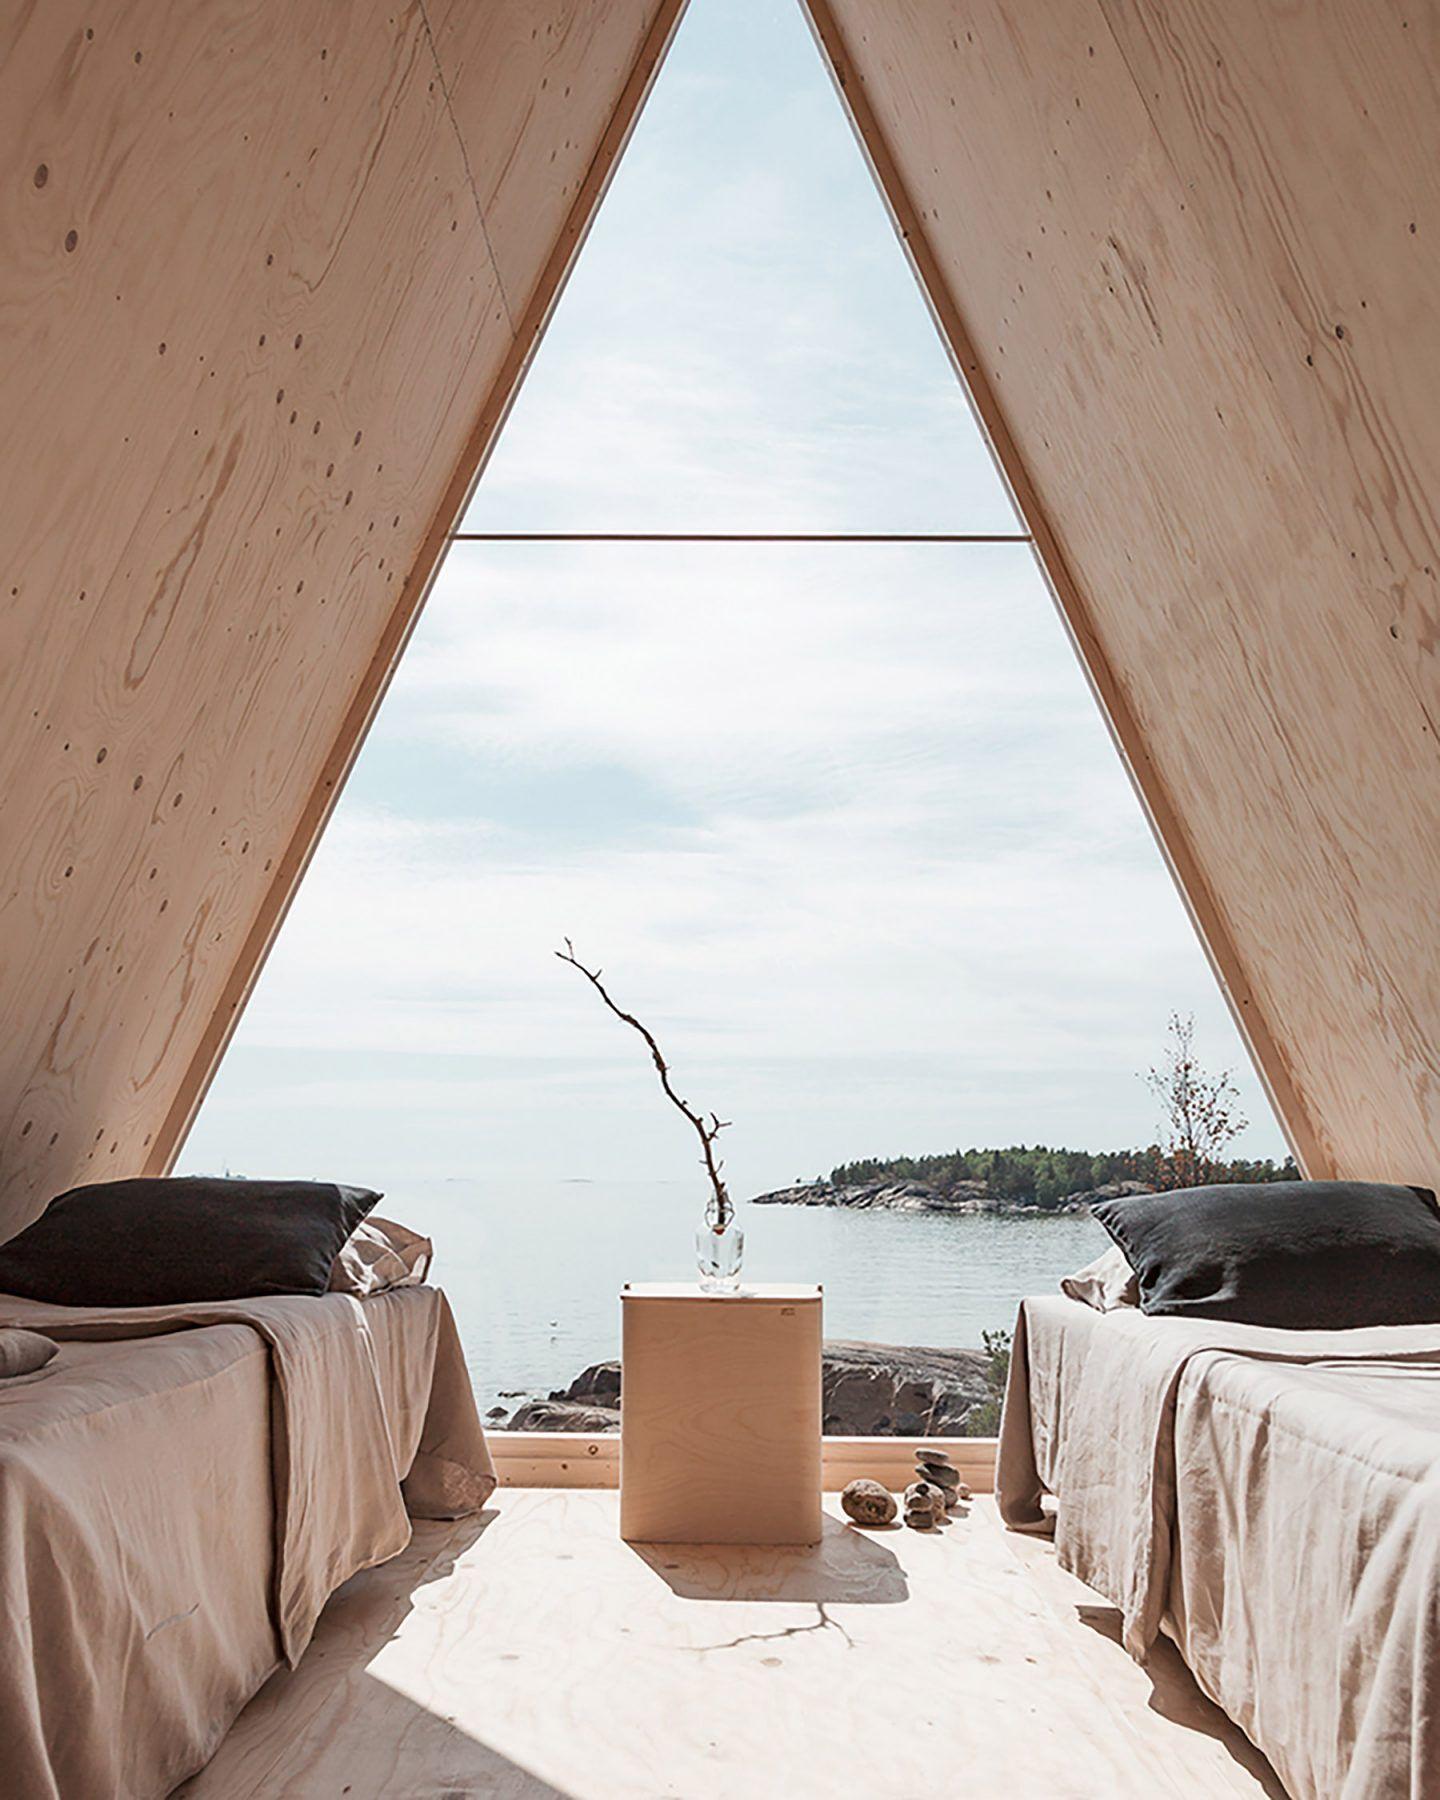 IGNANT-Architecture-Robin-Falck-Nolla-Cabin-1